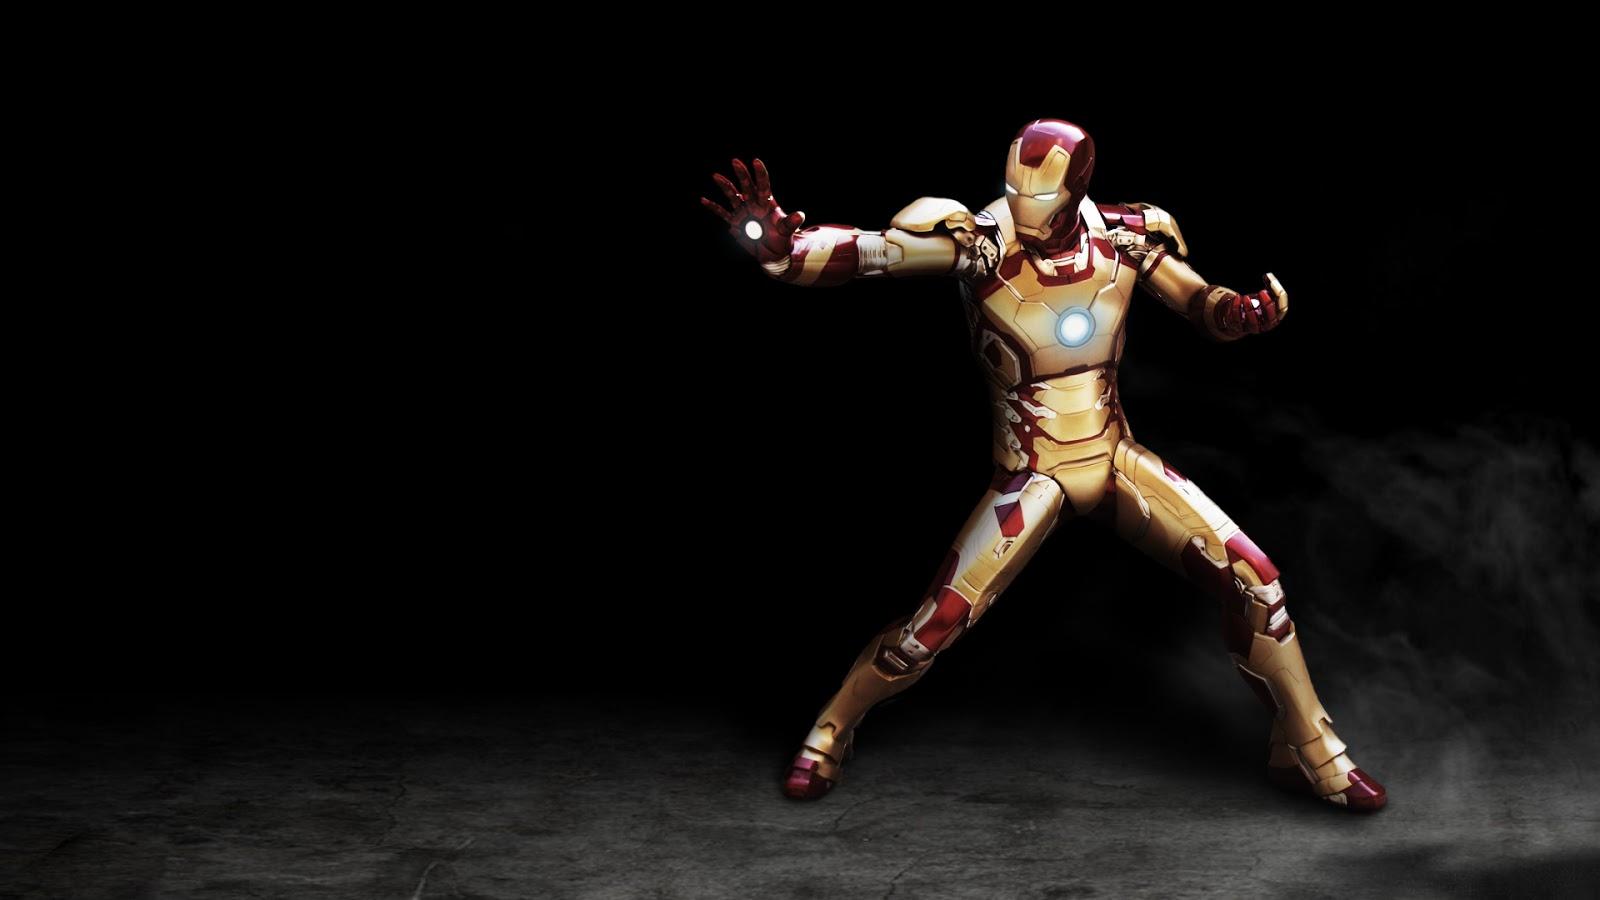 Photo x life iron man 3 top wallpapers - Iron man 1 images ...